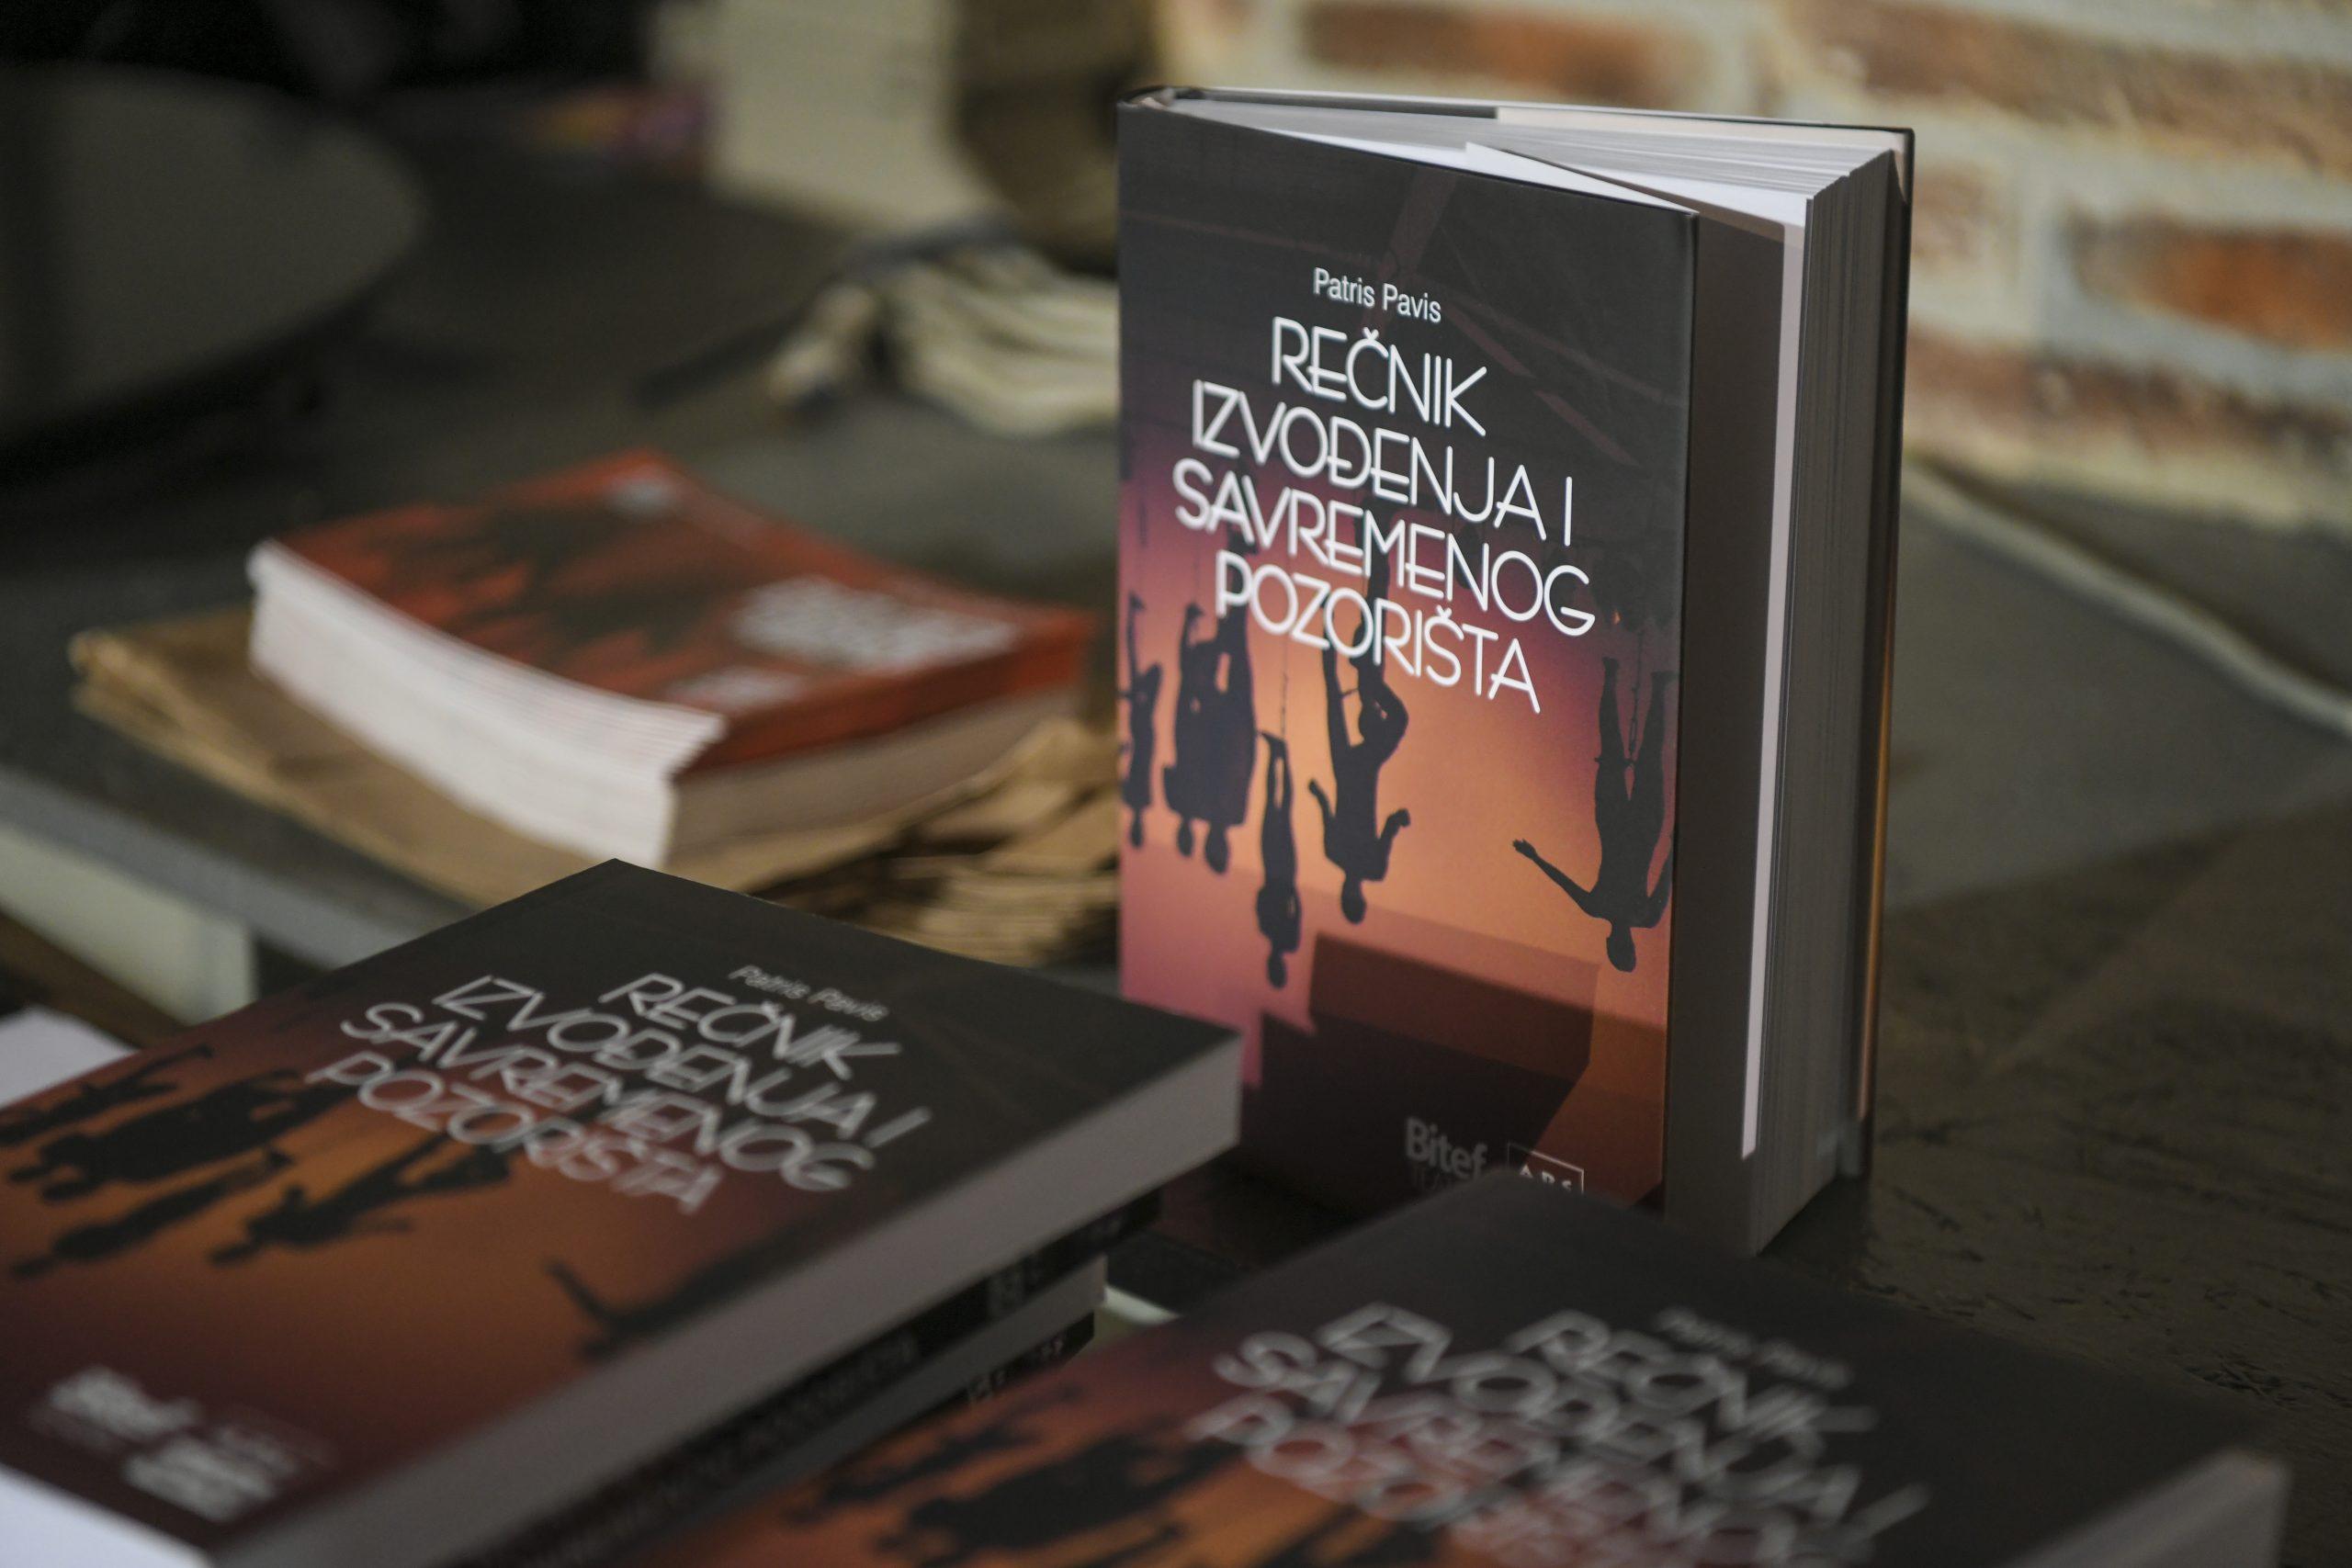 Knjiga Recnik izvodjenja i savremenog pozorista